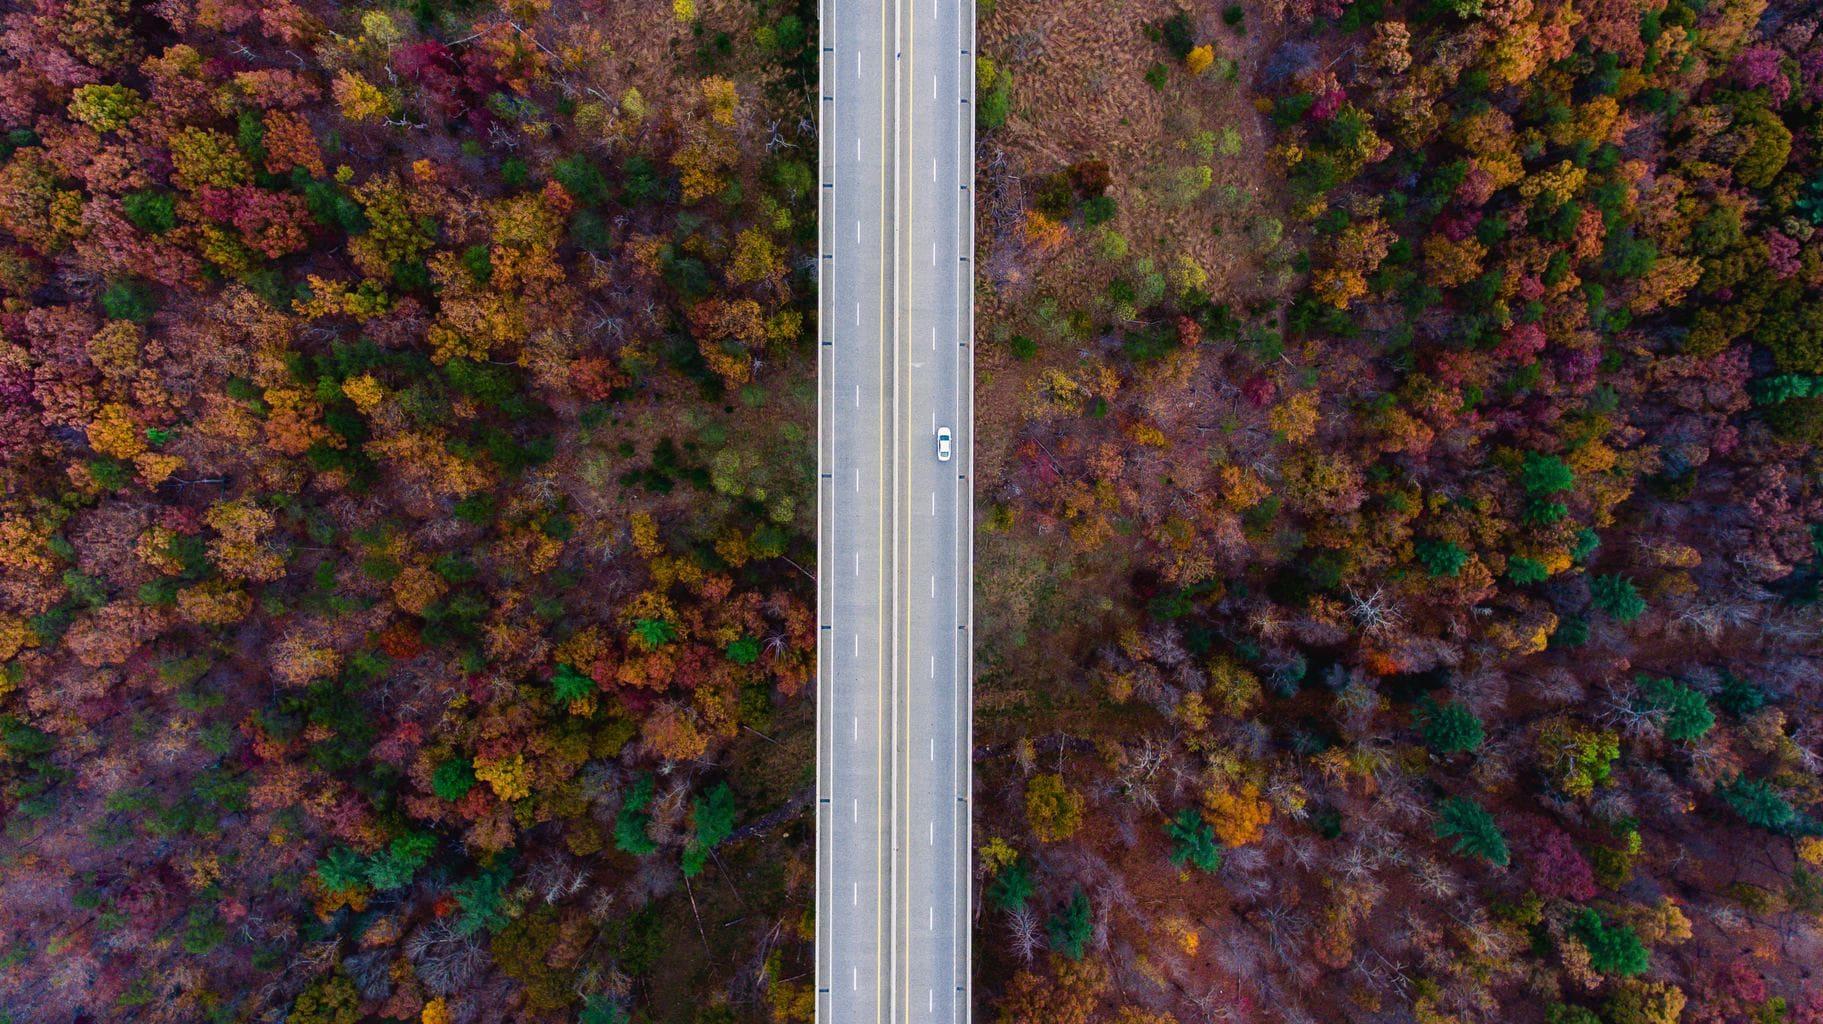 fotografía aérea de una carretera en un bosque